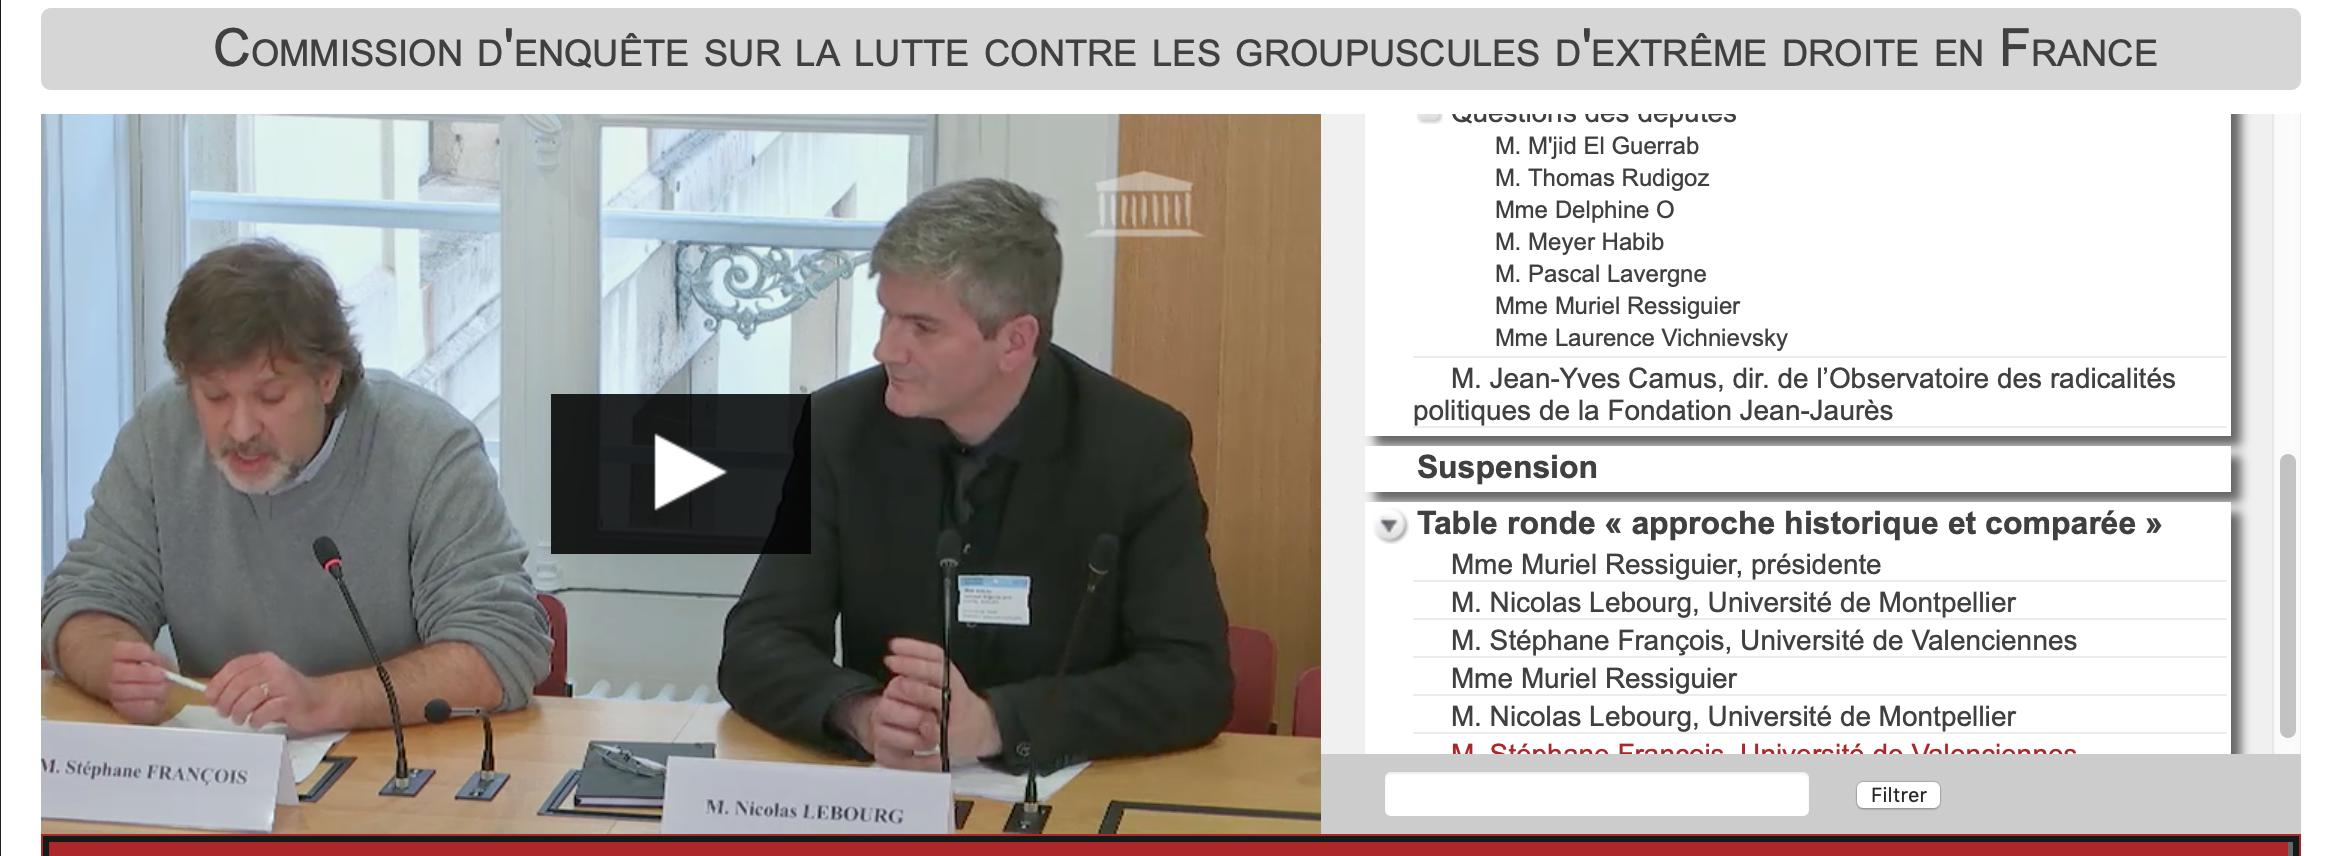 Pierre Cassen : je veux témoigner contre l'extrême droite (video)